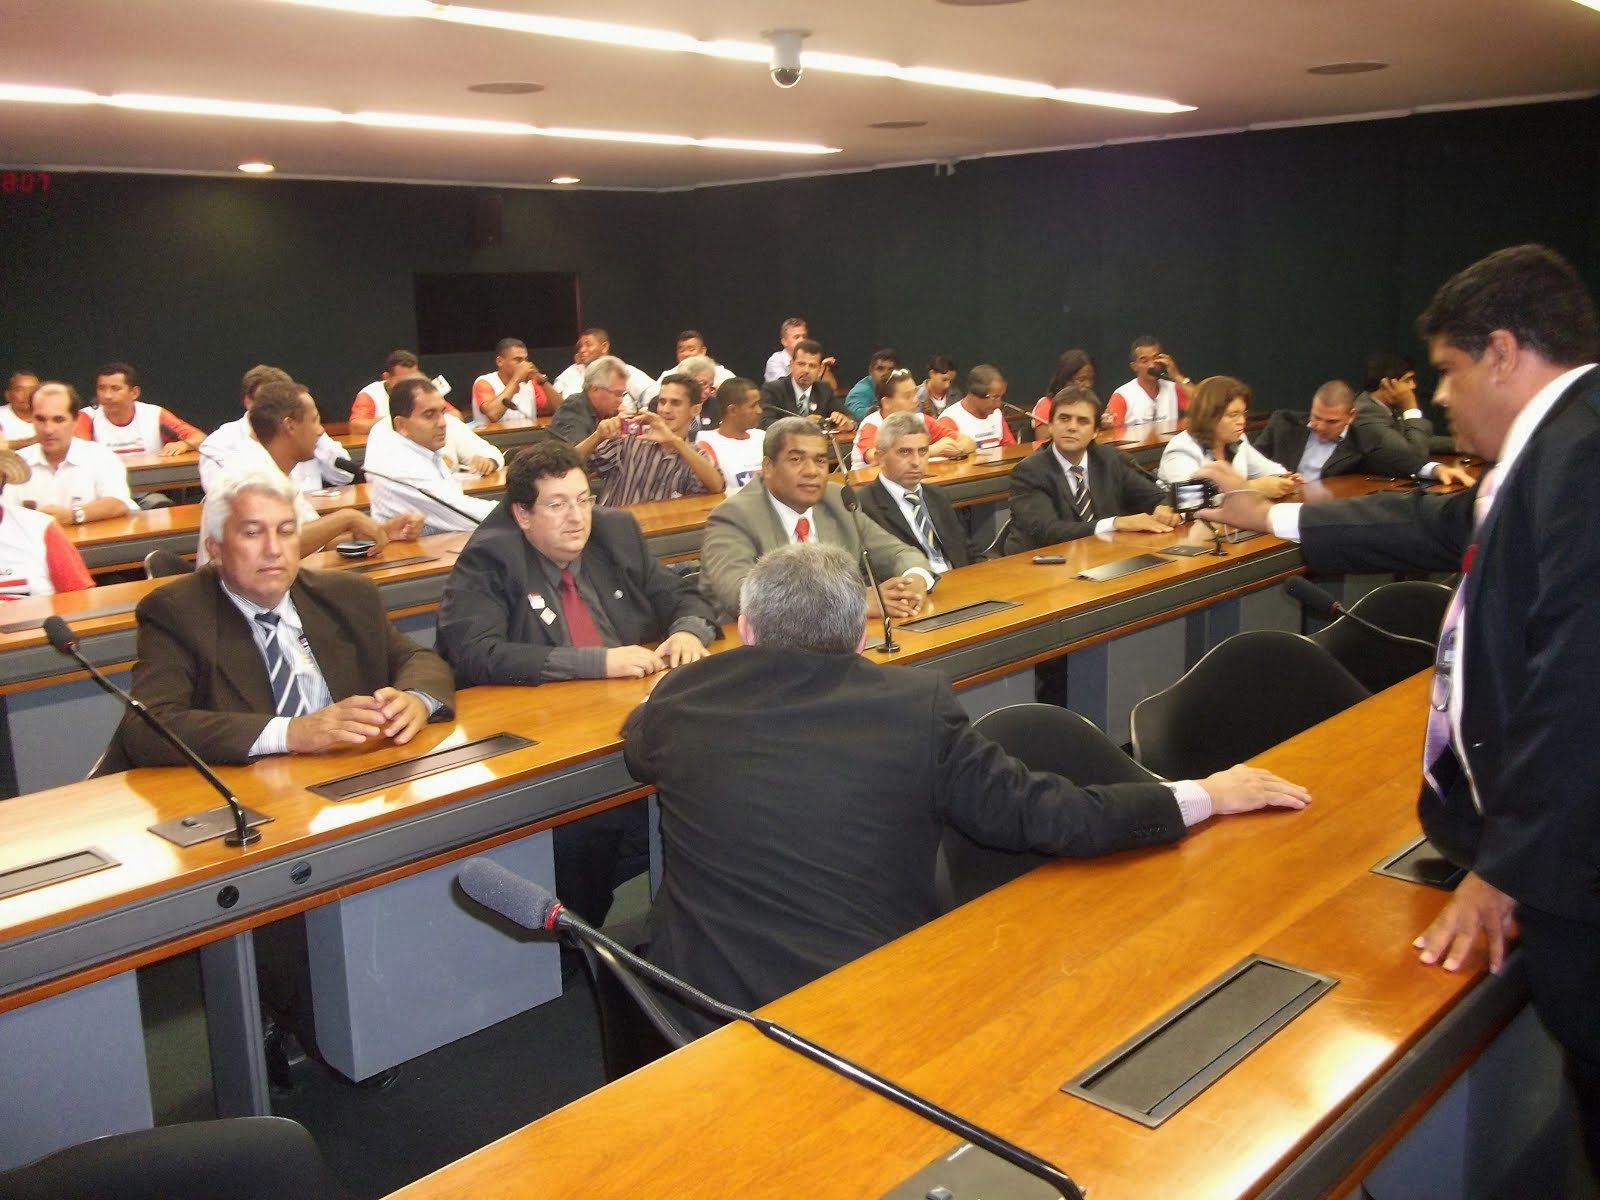 na câmara dos deputados plenário 14